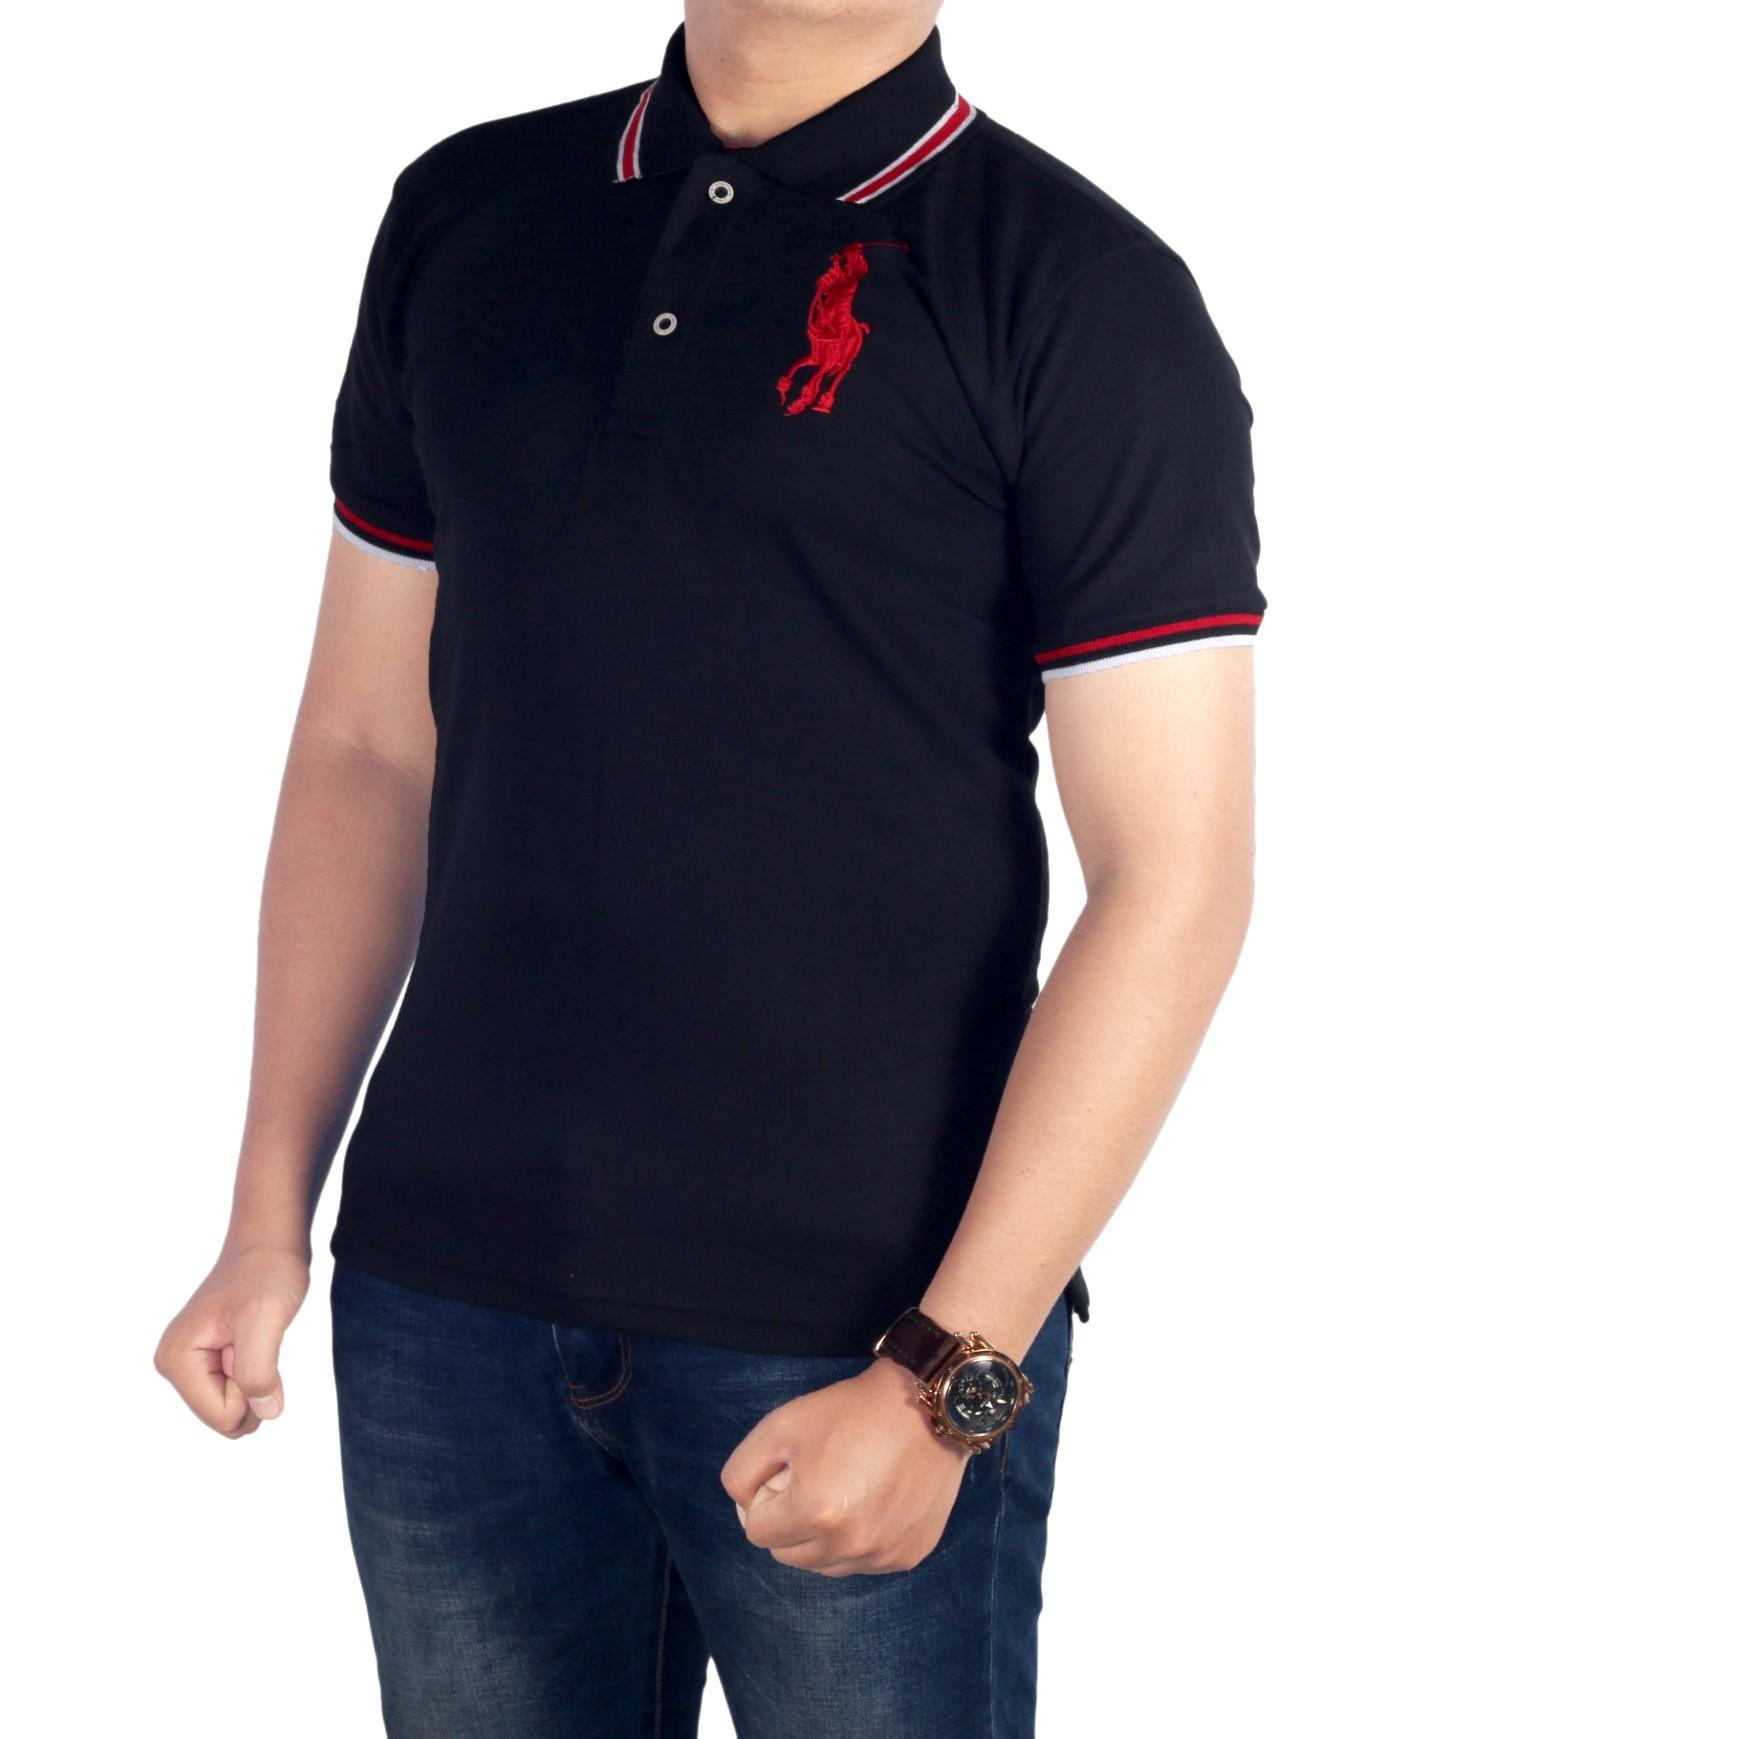 Dgm_Fashion1 Kaos Polo Kerah Hitam Polos/Polo Kaos/Polo Men/PolosHIRT/Baju Kaos/Kaos Distro/Polo Distro/Kaos MuRAH/Kaos Casual/Kaos Polos/Polo Polos IP 3909 Hitam